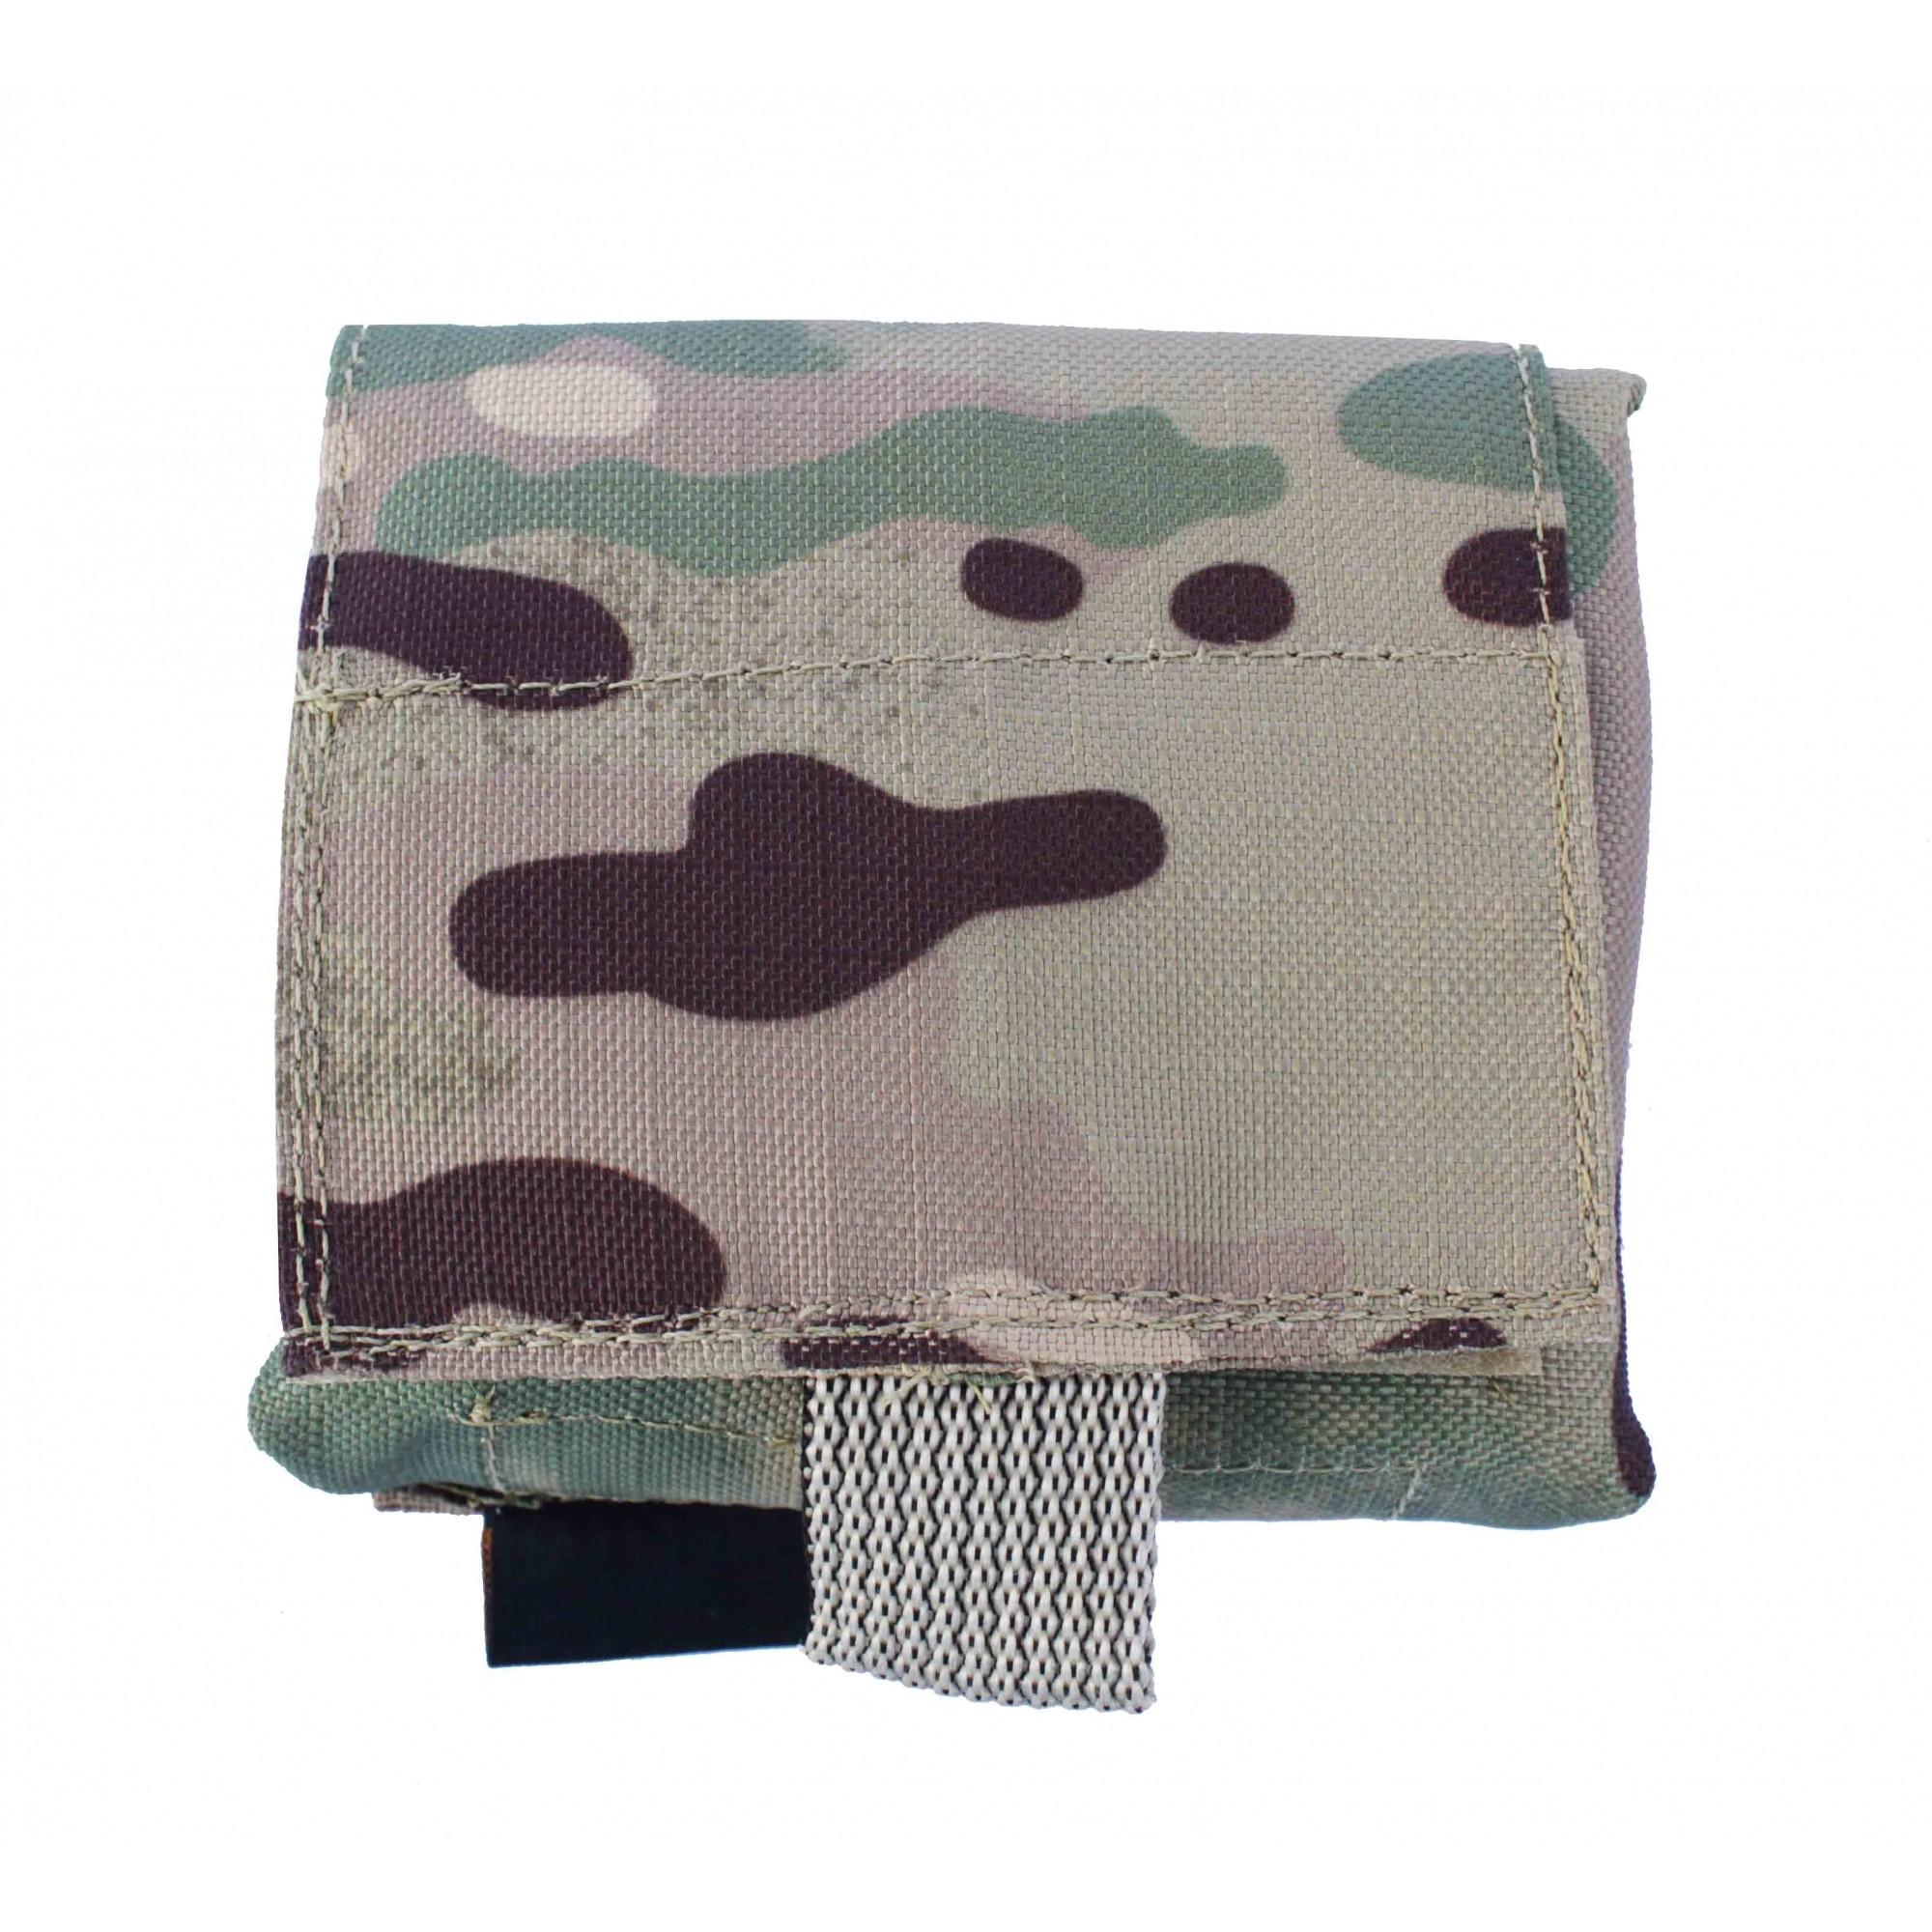 Drop Pouch (Dispenser de Mag) Para Cinto em Cordura Multicam